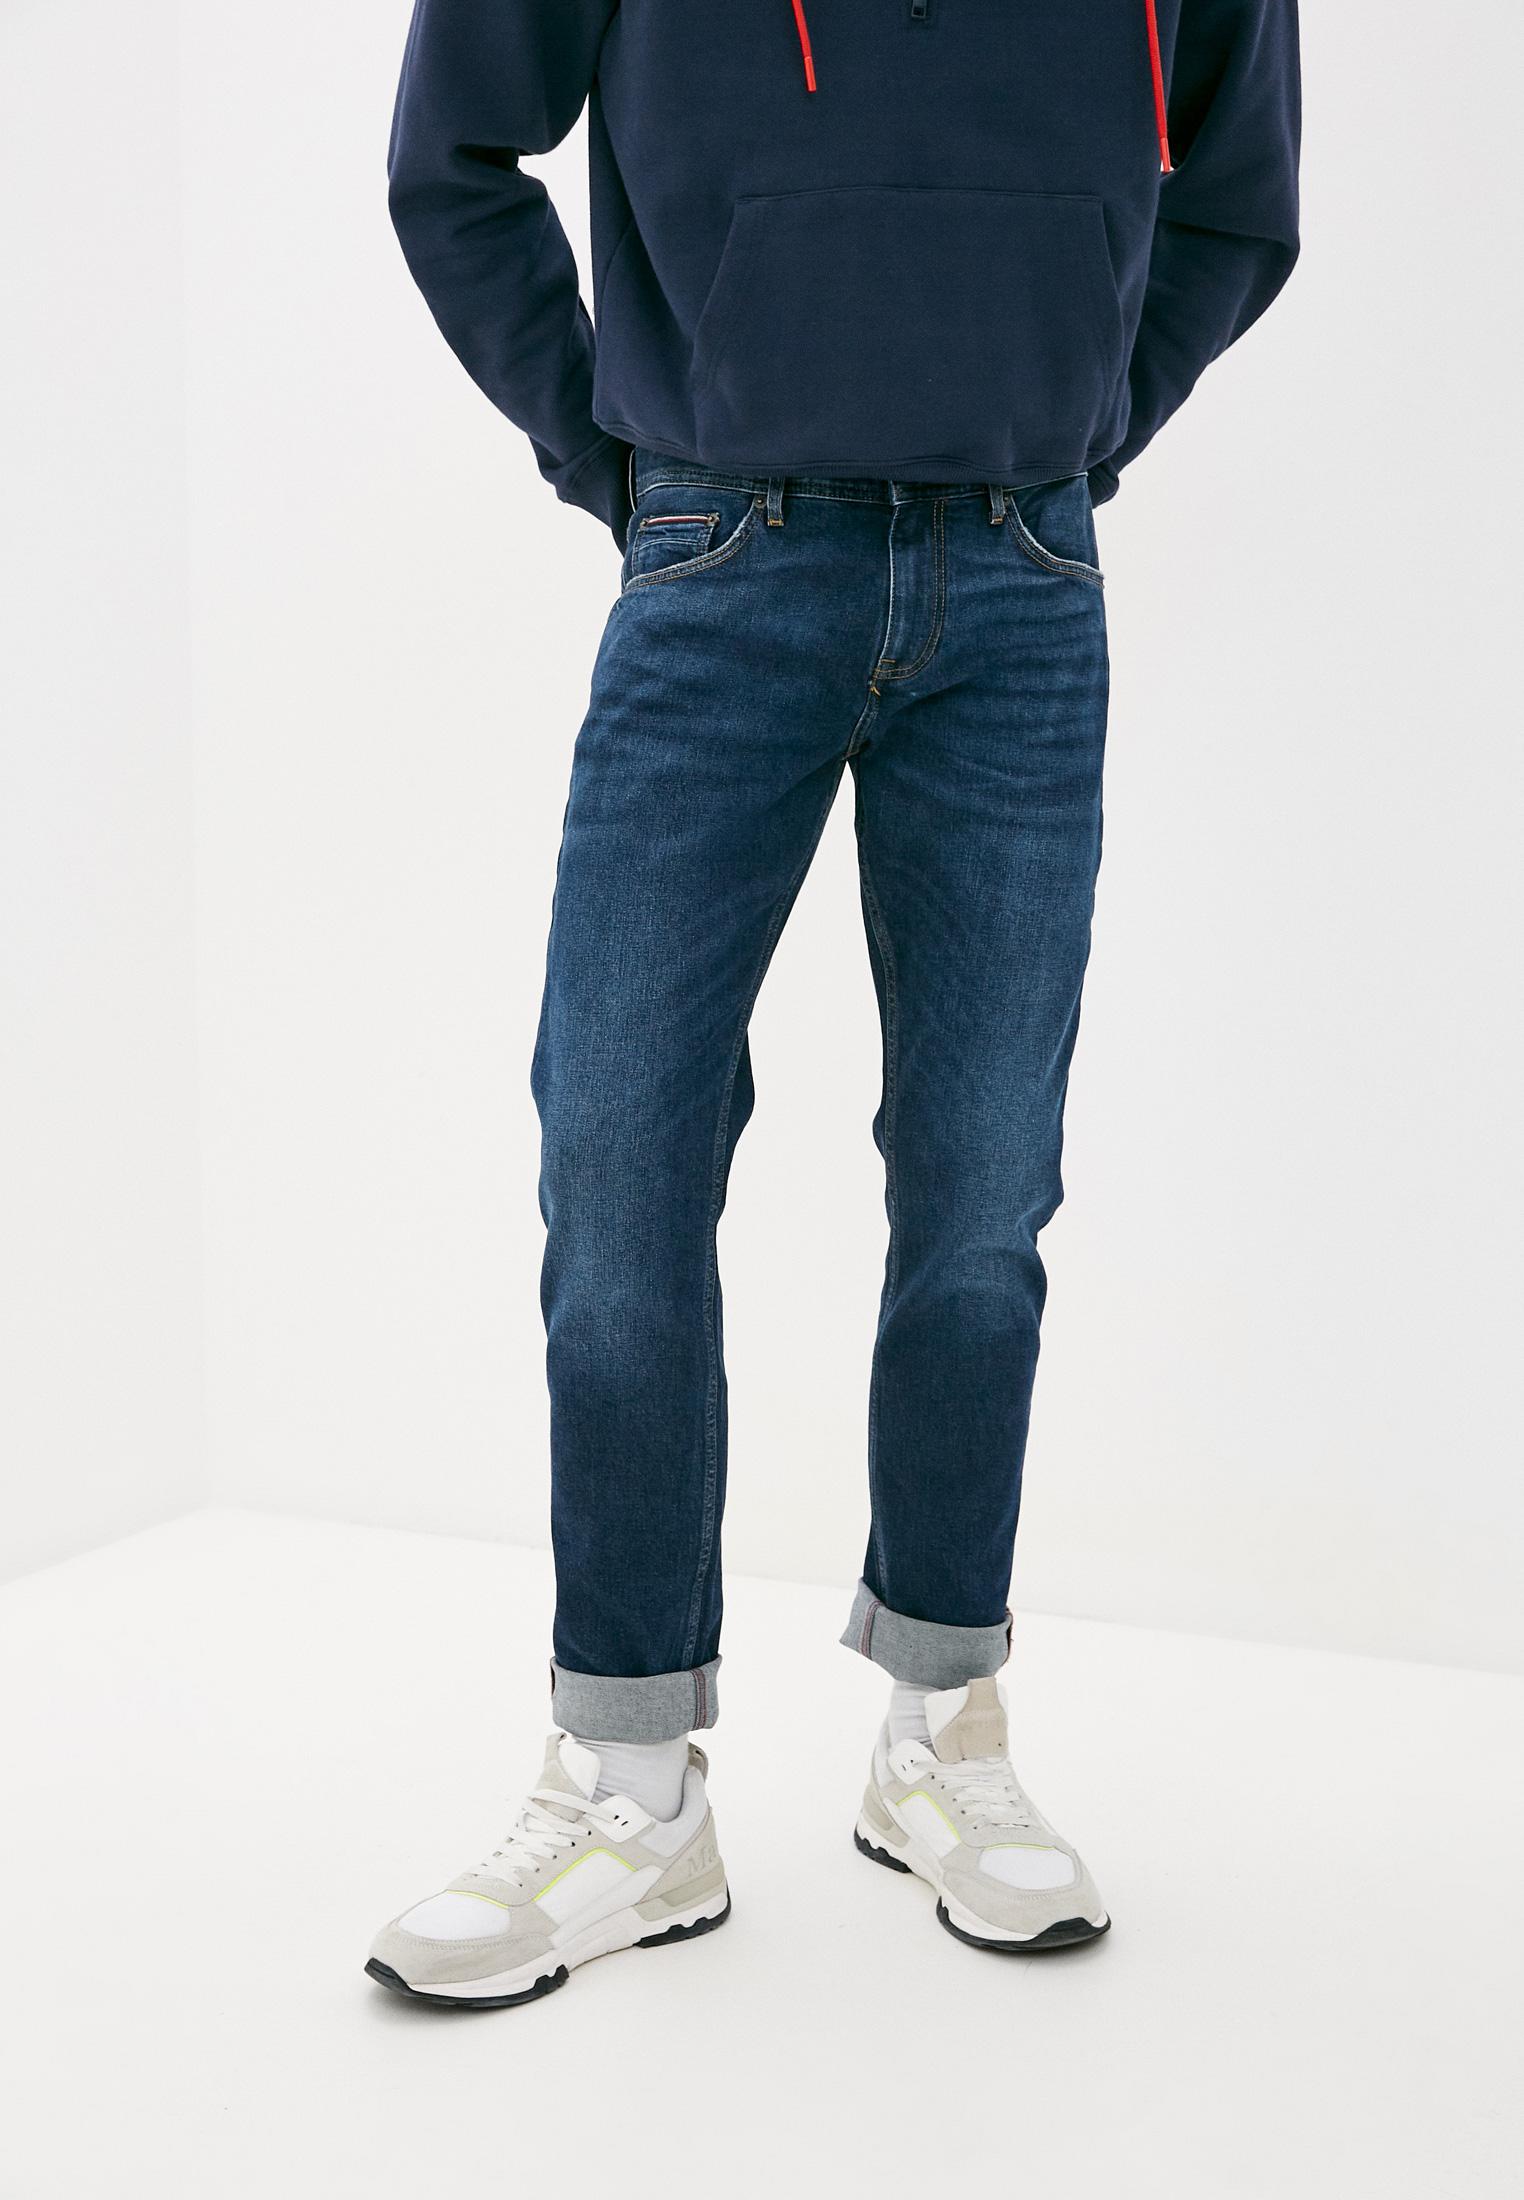 Зауженные джинсы Tommy Hilfiger (Томми Хилфигер) MW0MW18787: изображение 1